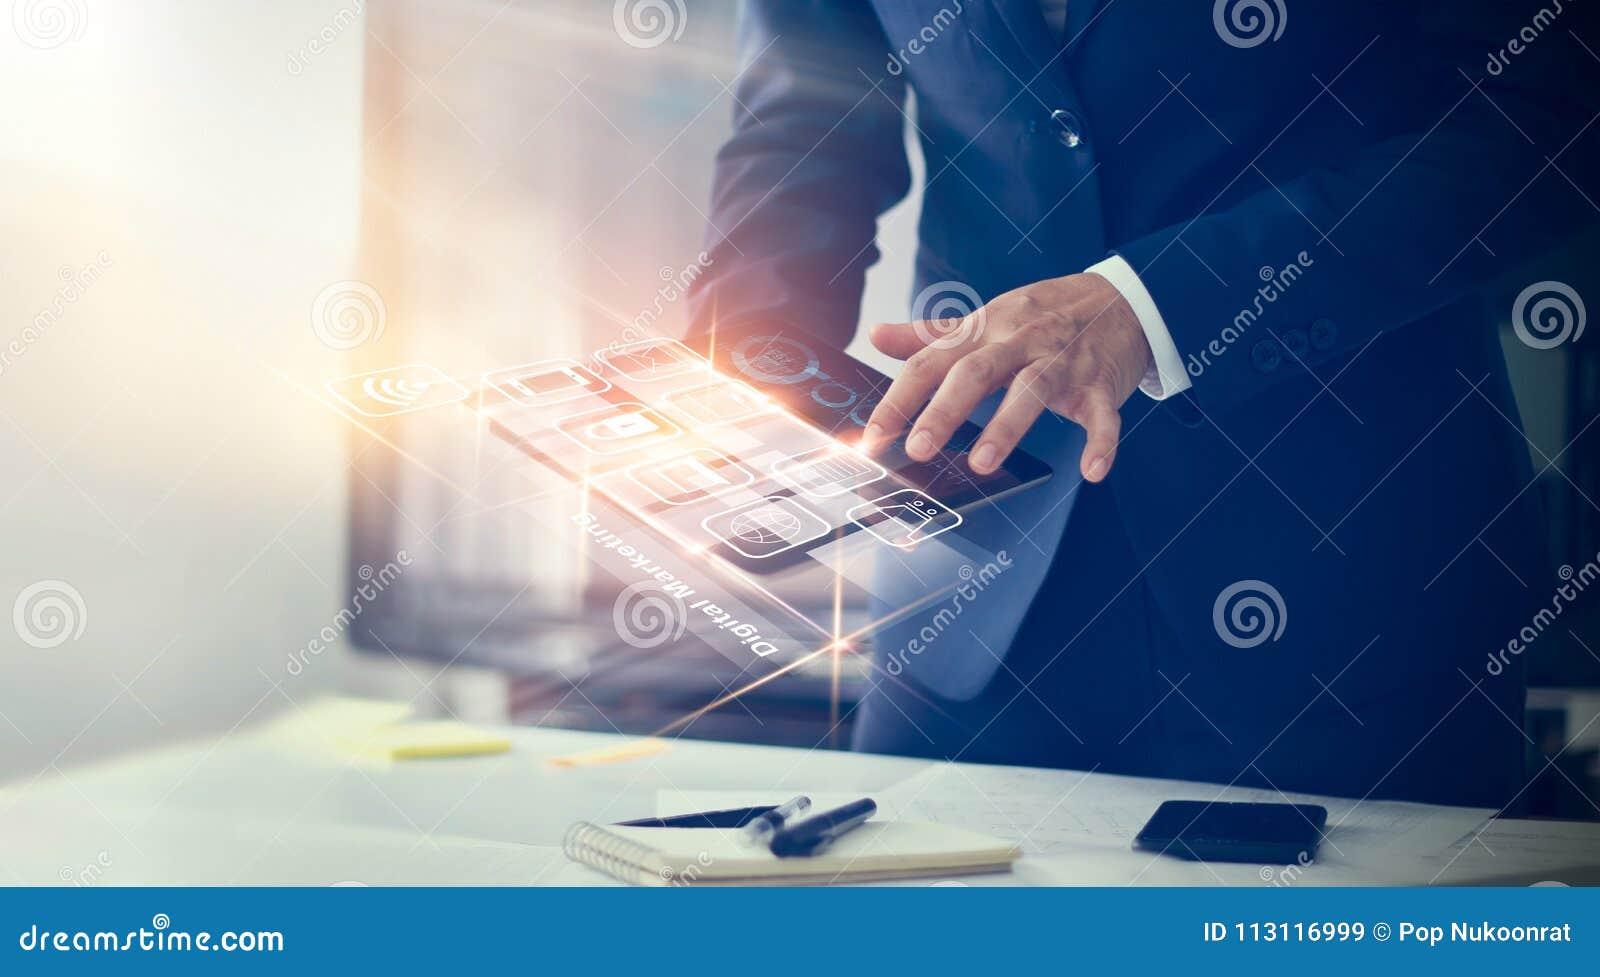 Homme d affaires utilisant des paiements modernes d interface